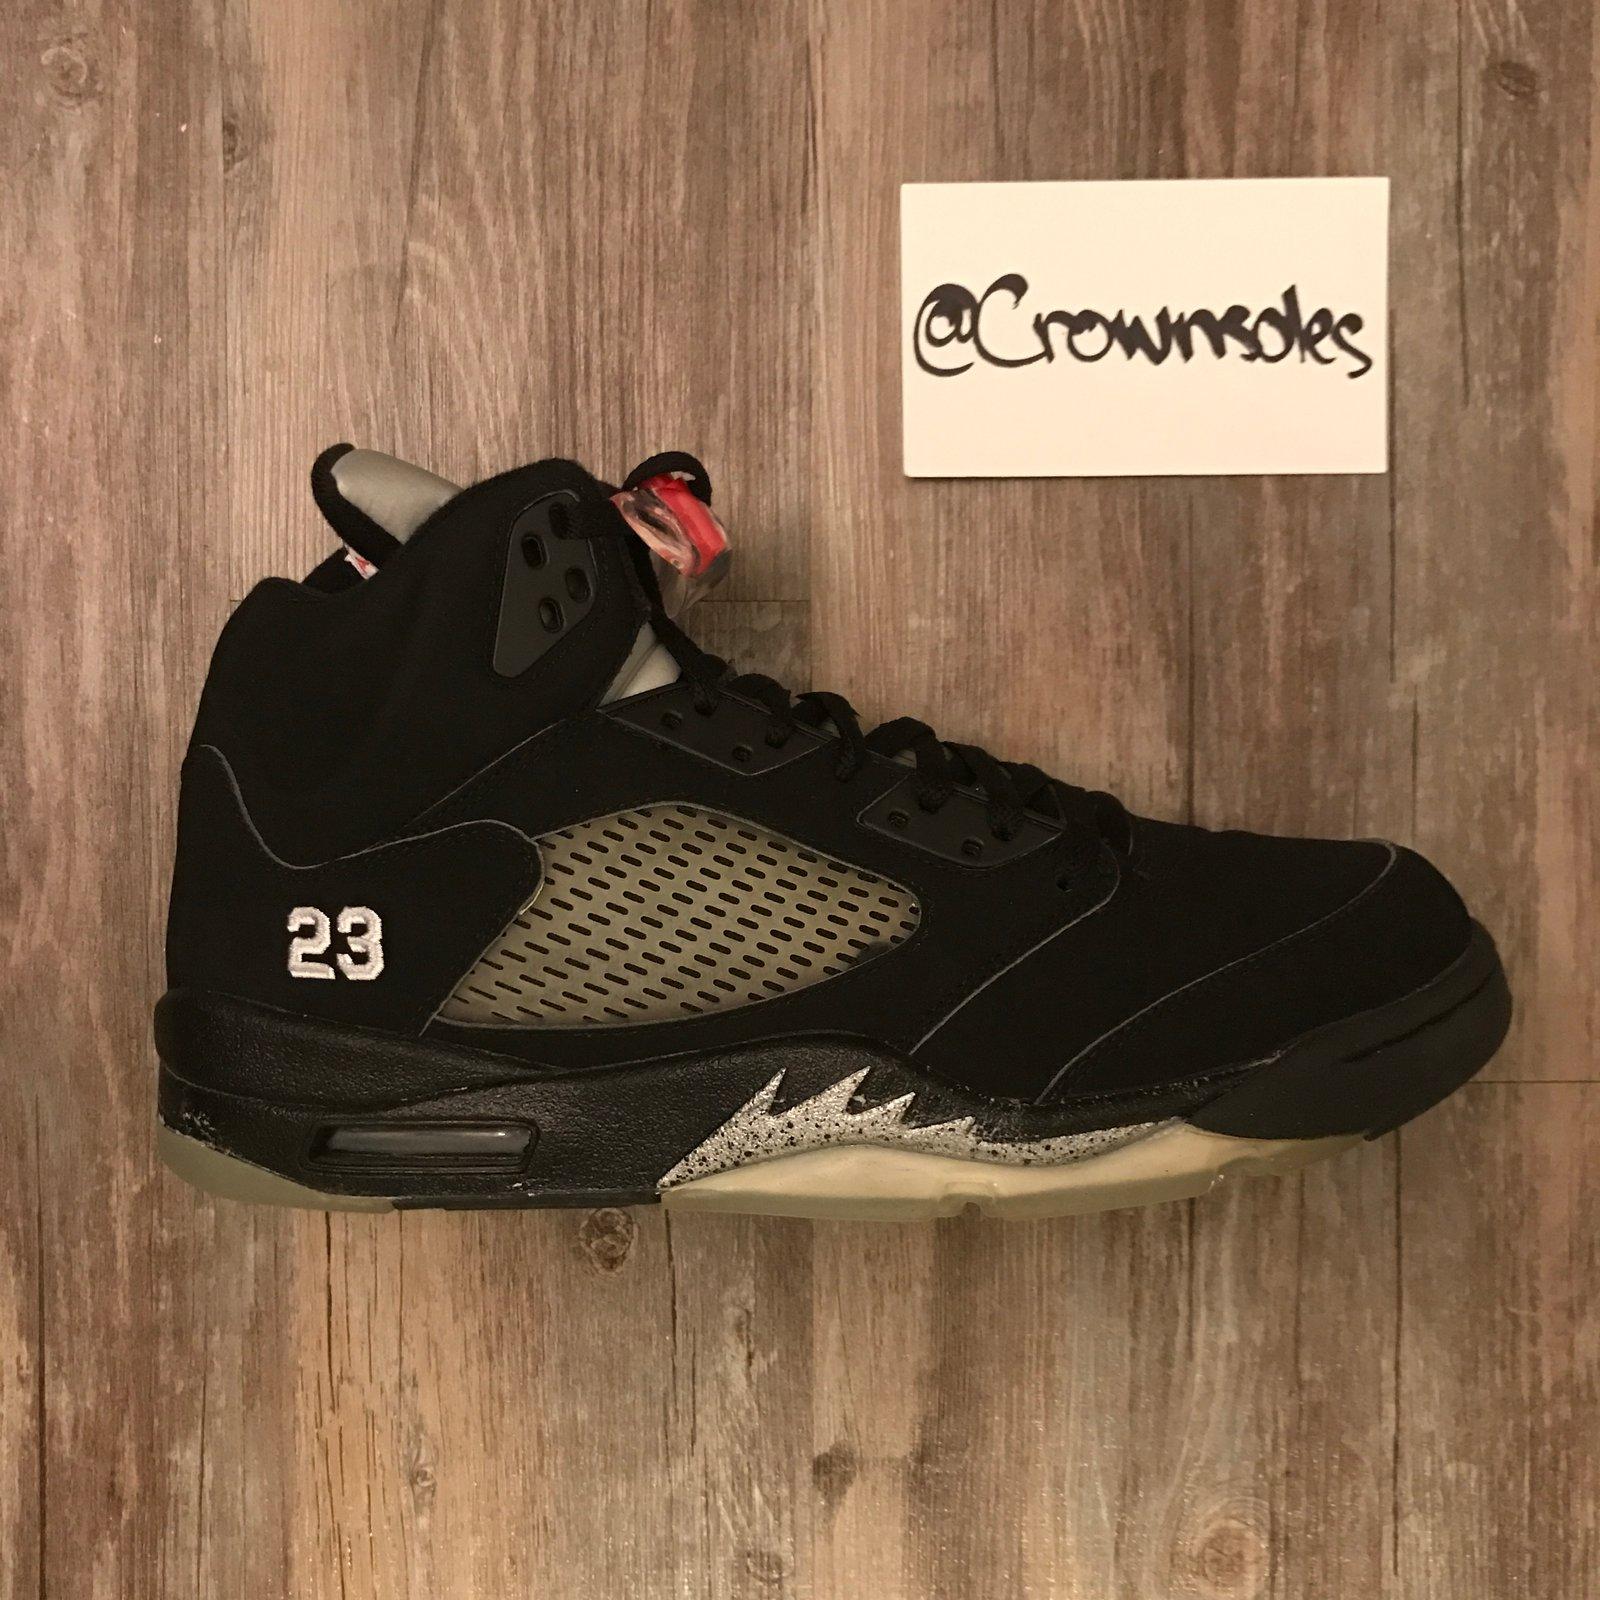 Crownsoles — Air Jordan 5 \